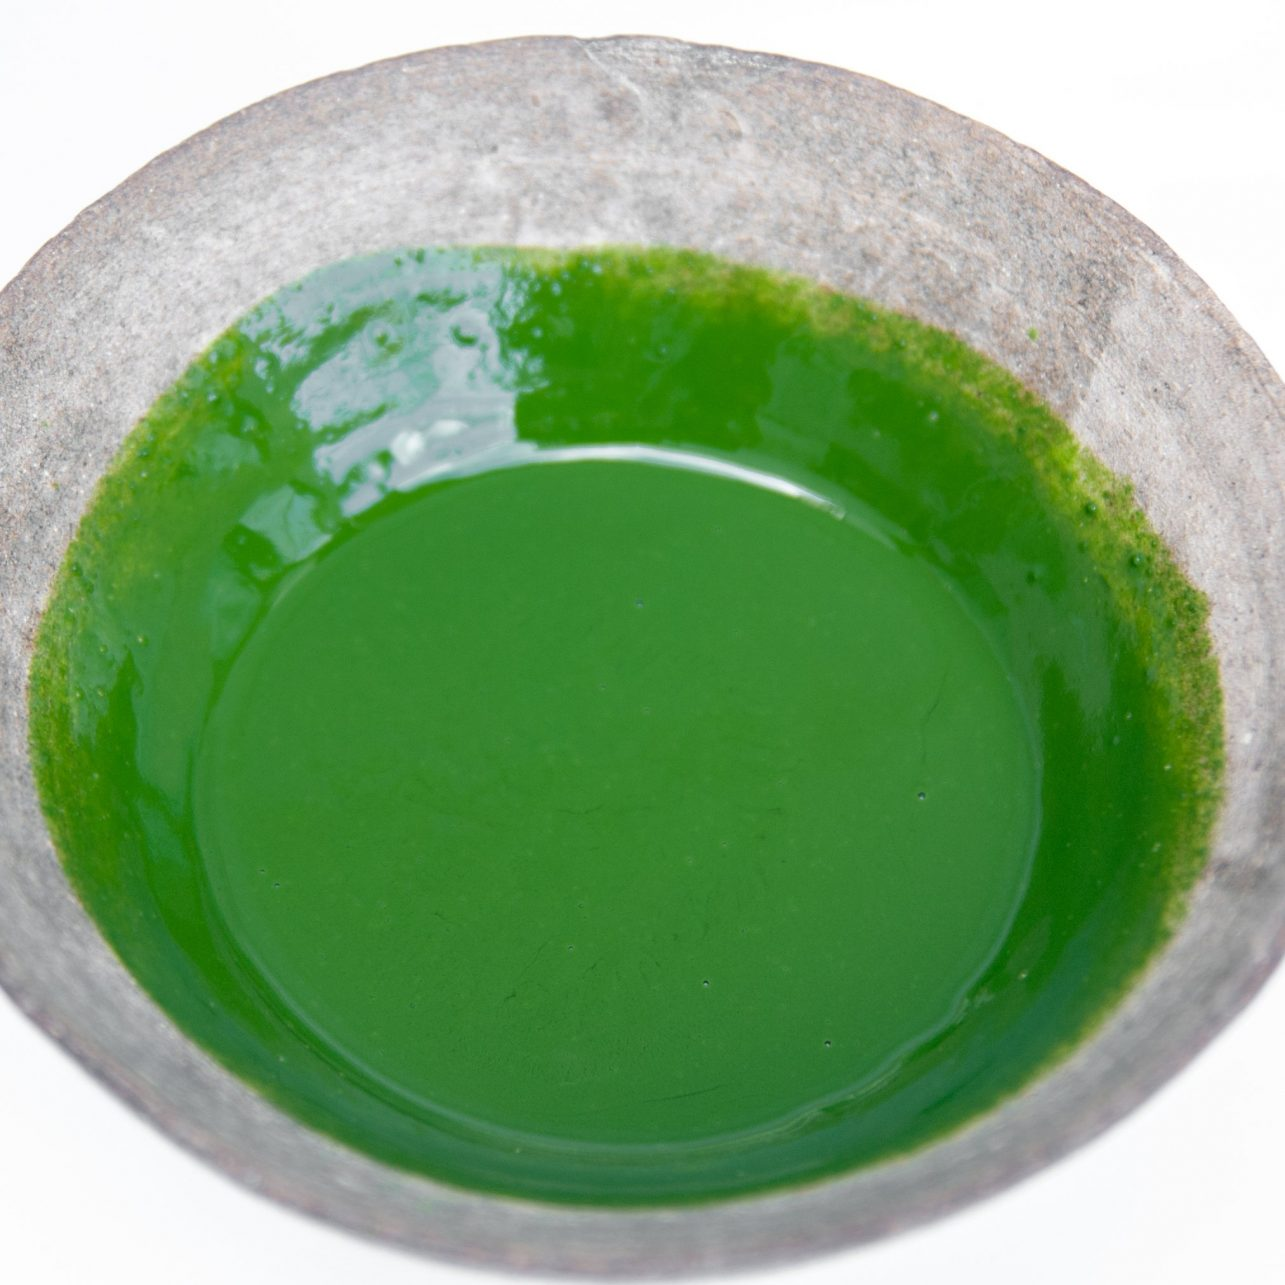 Wazuka no Mukashi - Pesticide free Matcha